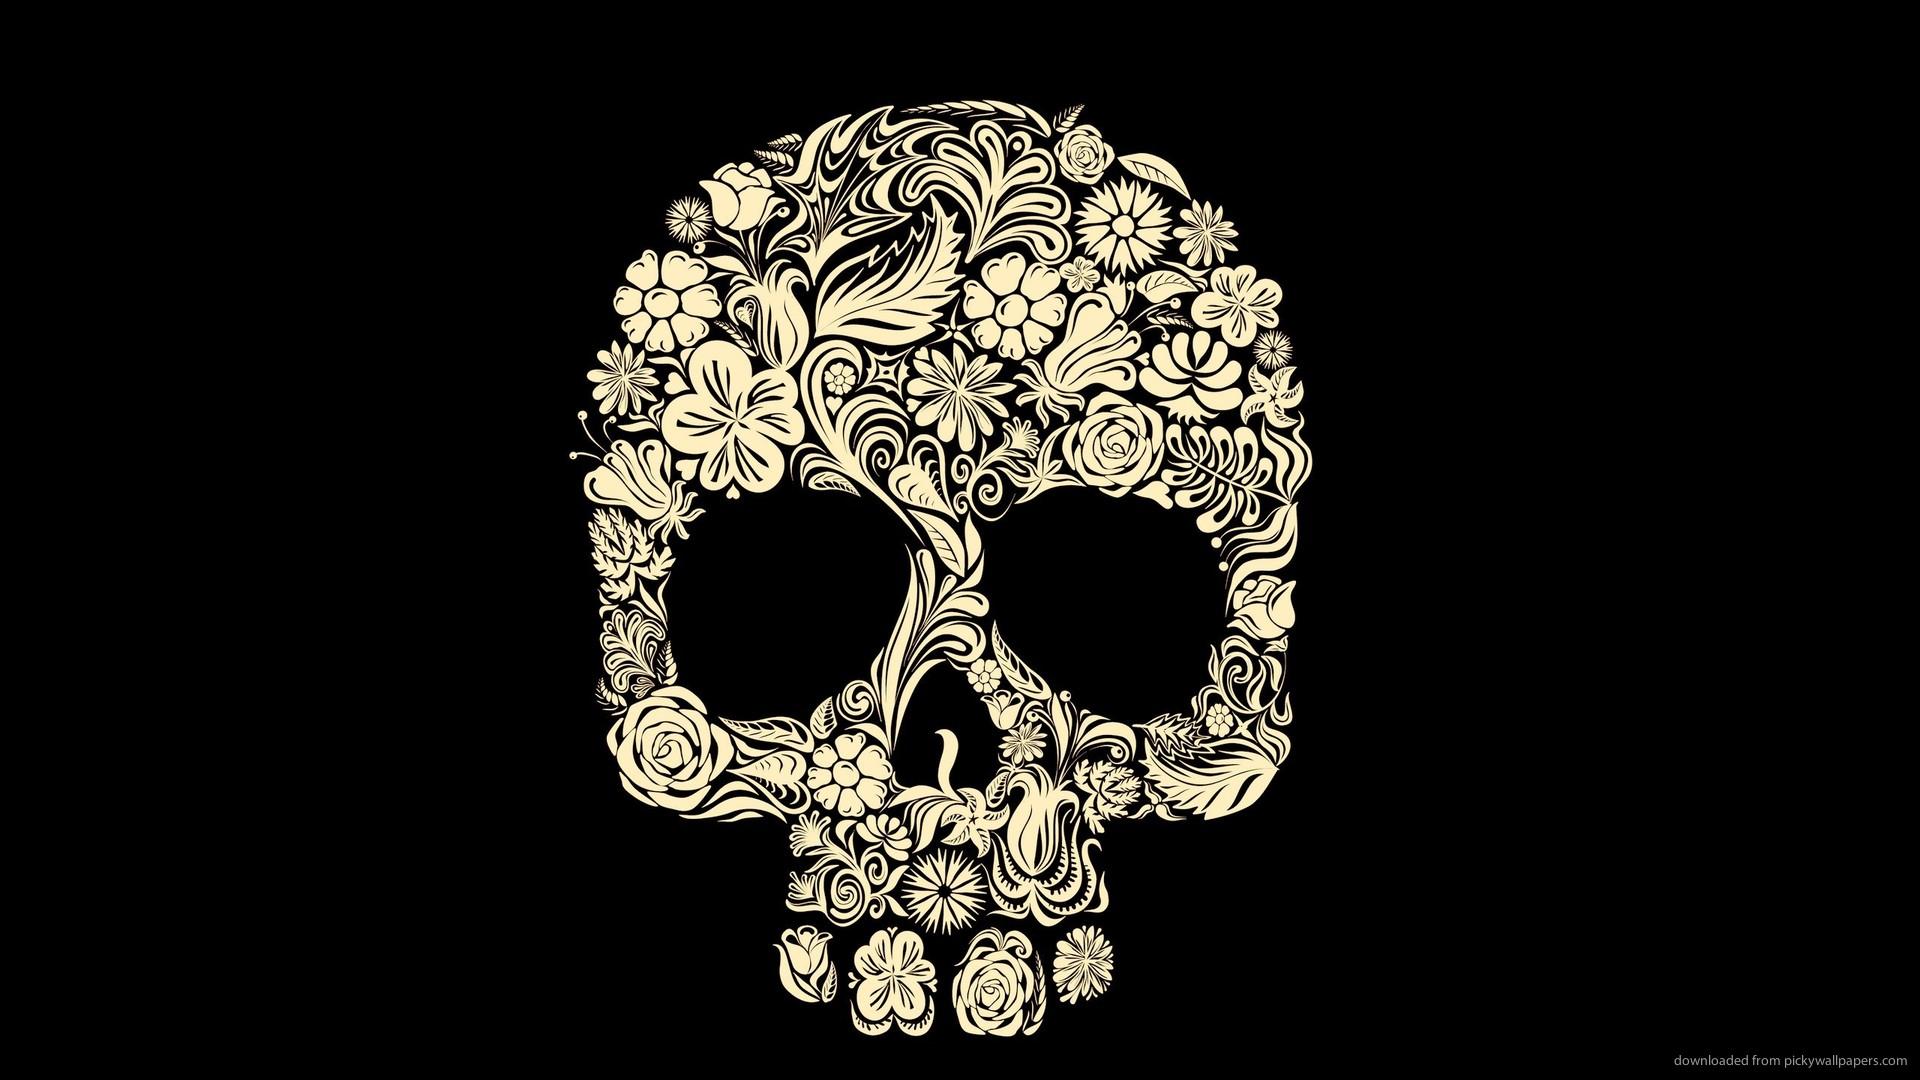 1366x768 Floristic Skull Wallpaper 1920x1080